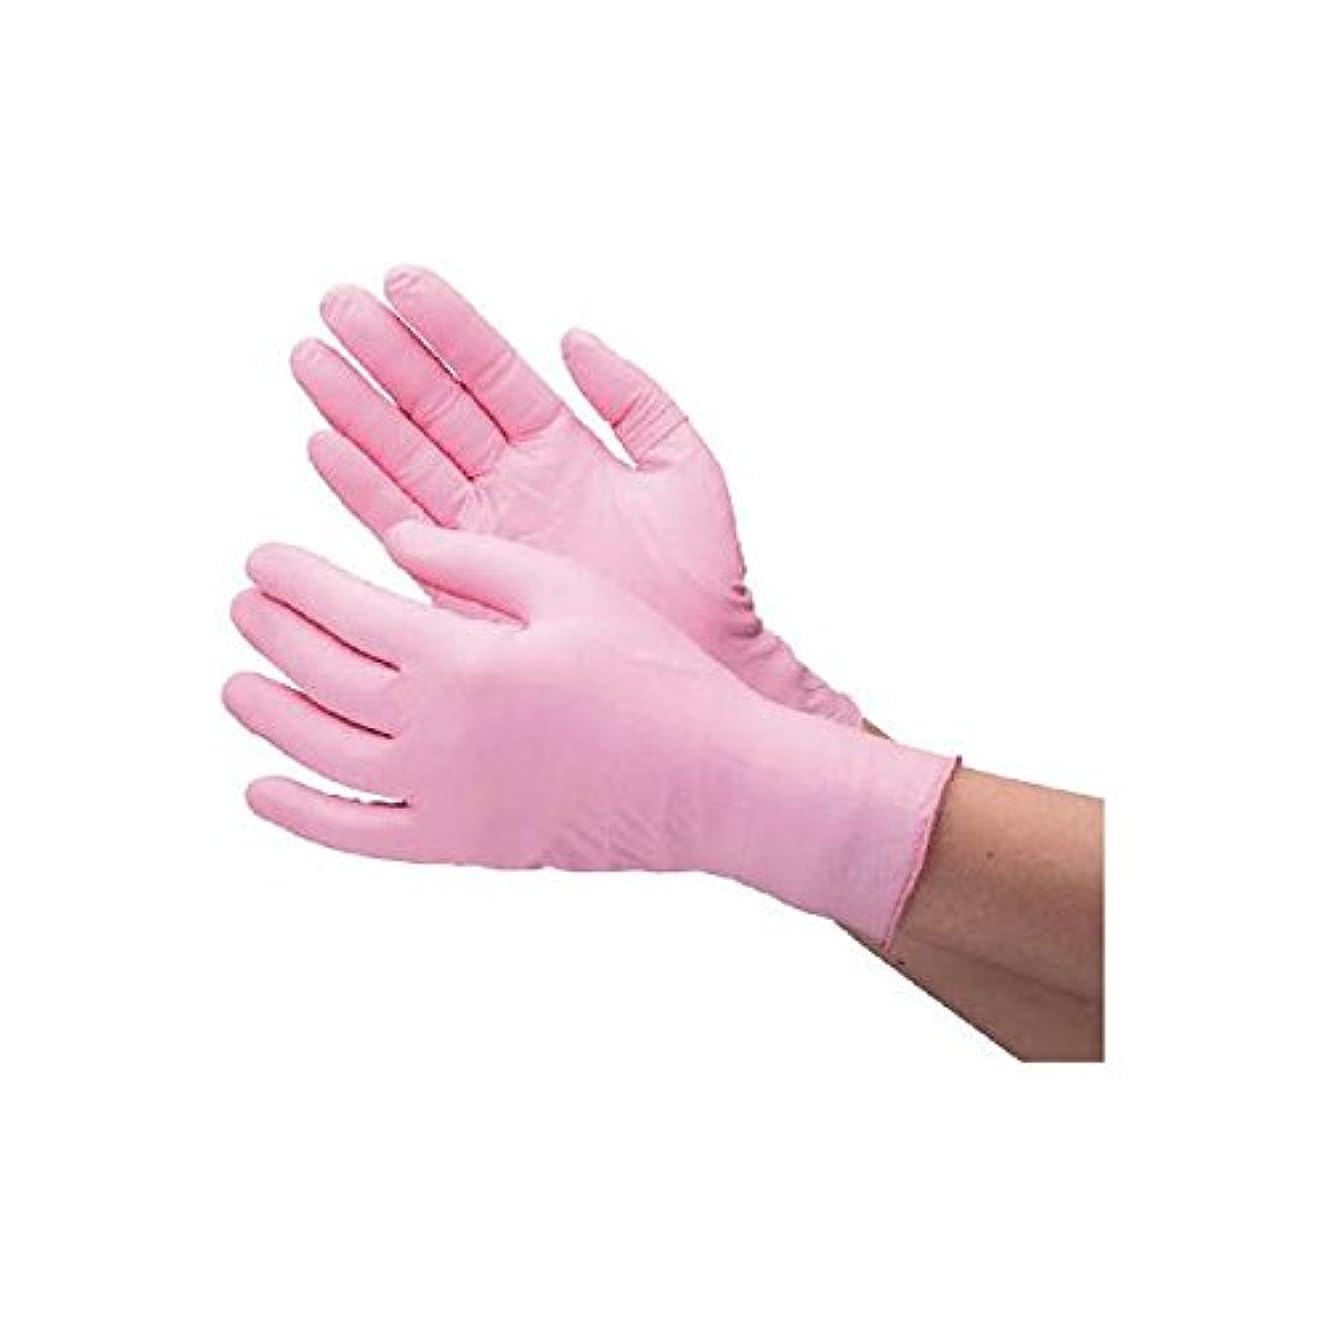 ブレンドコインランドリー繰り返したミドリ安全/ミドリ安全 ニトリル使い捨て手袋 薄手 粉なし 100枚入 ピンク LL(3889211) VERTE-760-LL